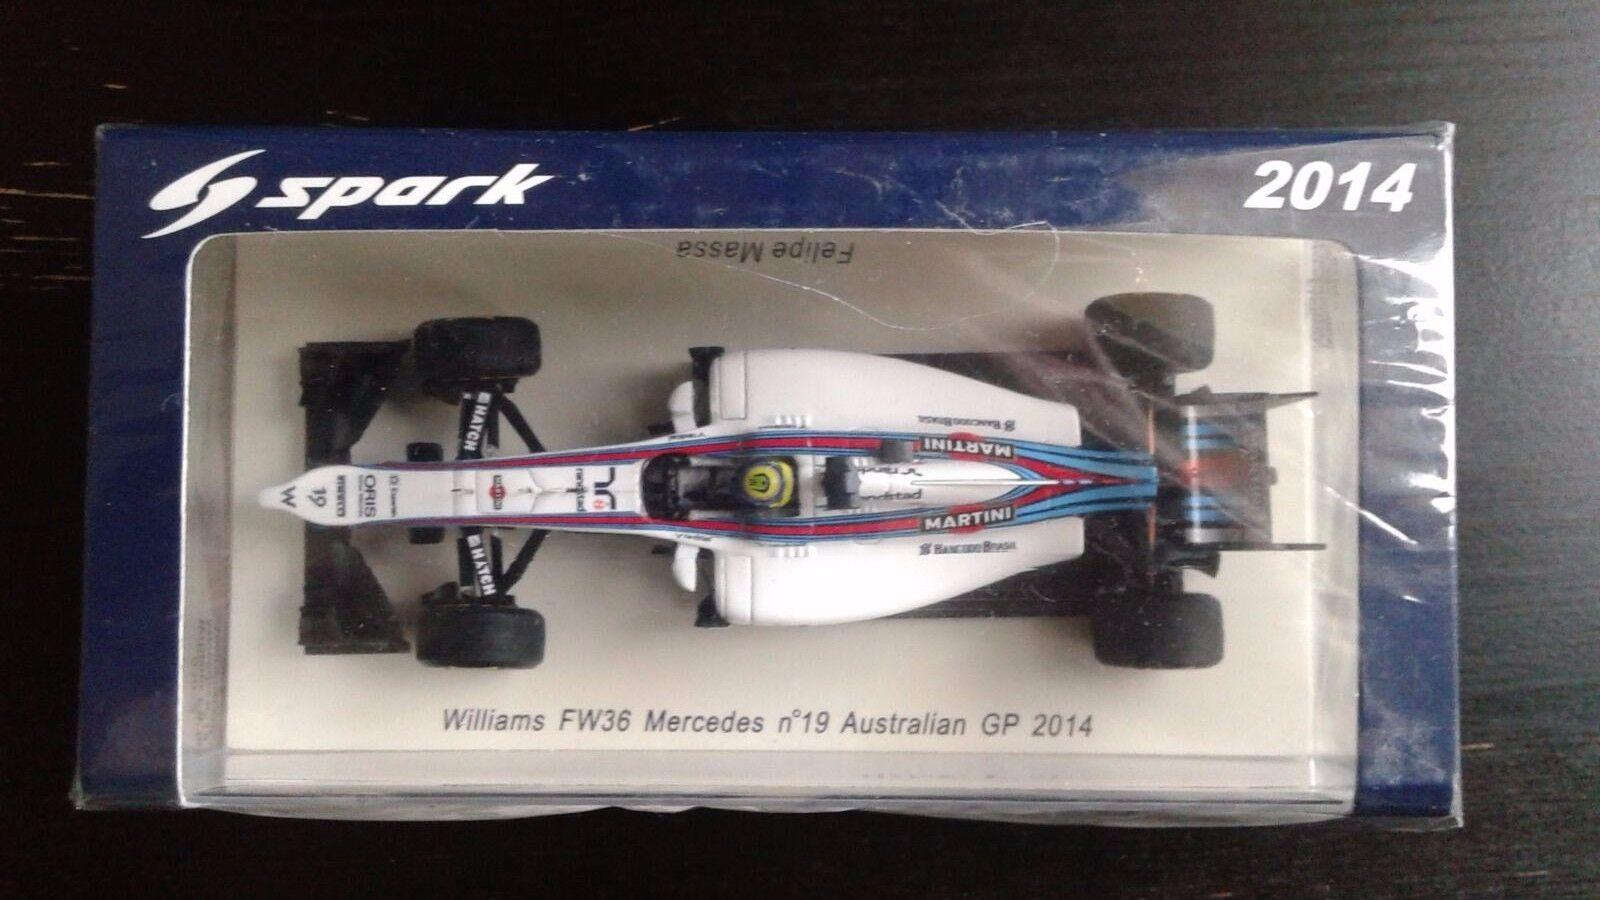 Williams FW36 Mercedes n°19 Australian GP 2014 Felipe Massa 1 43